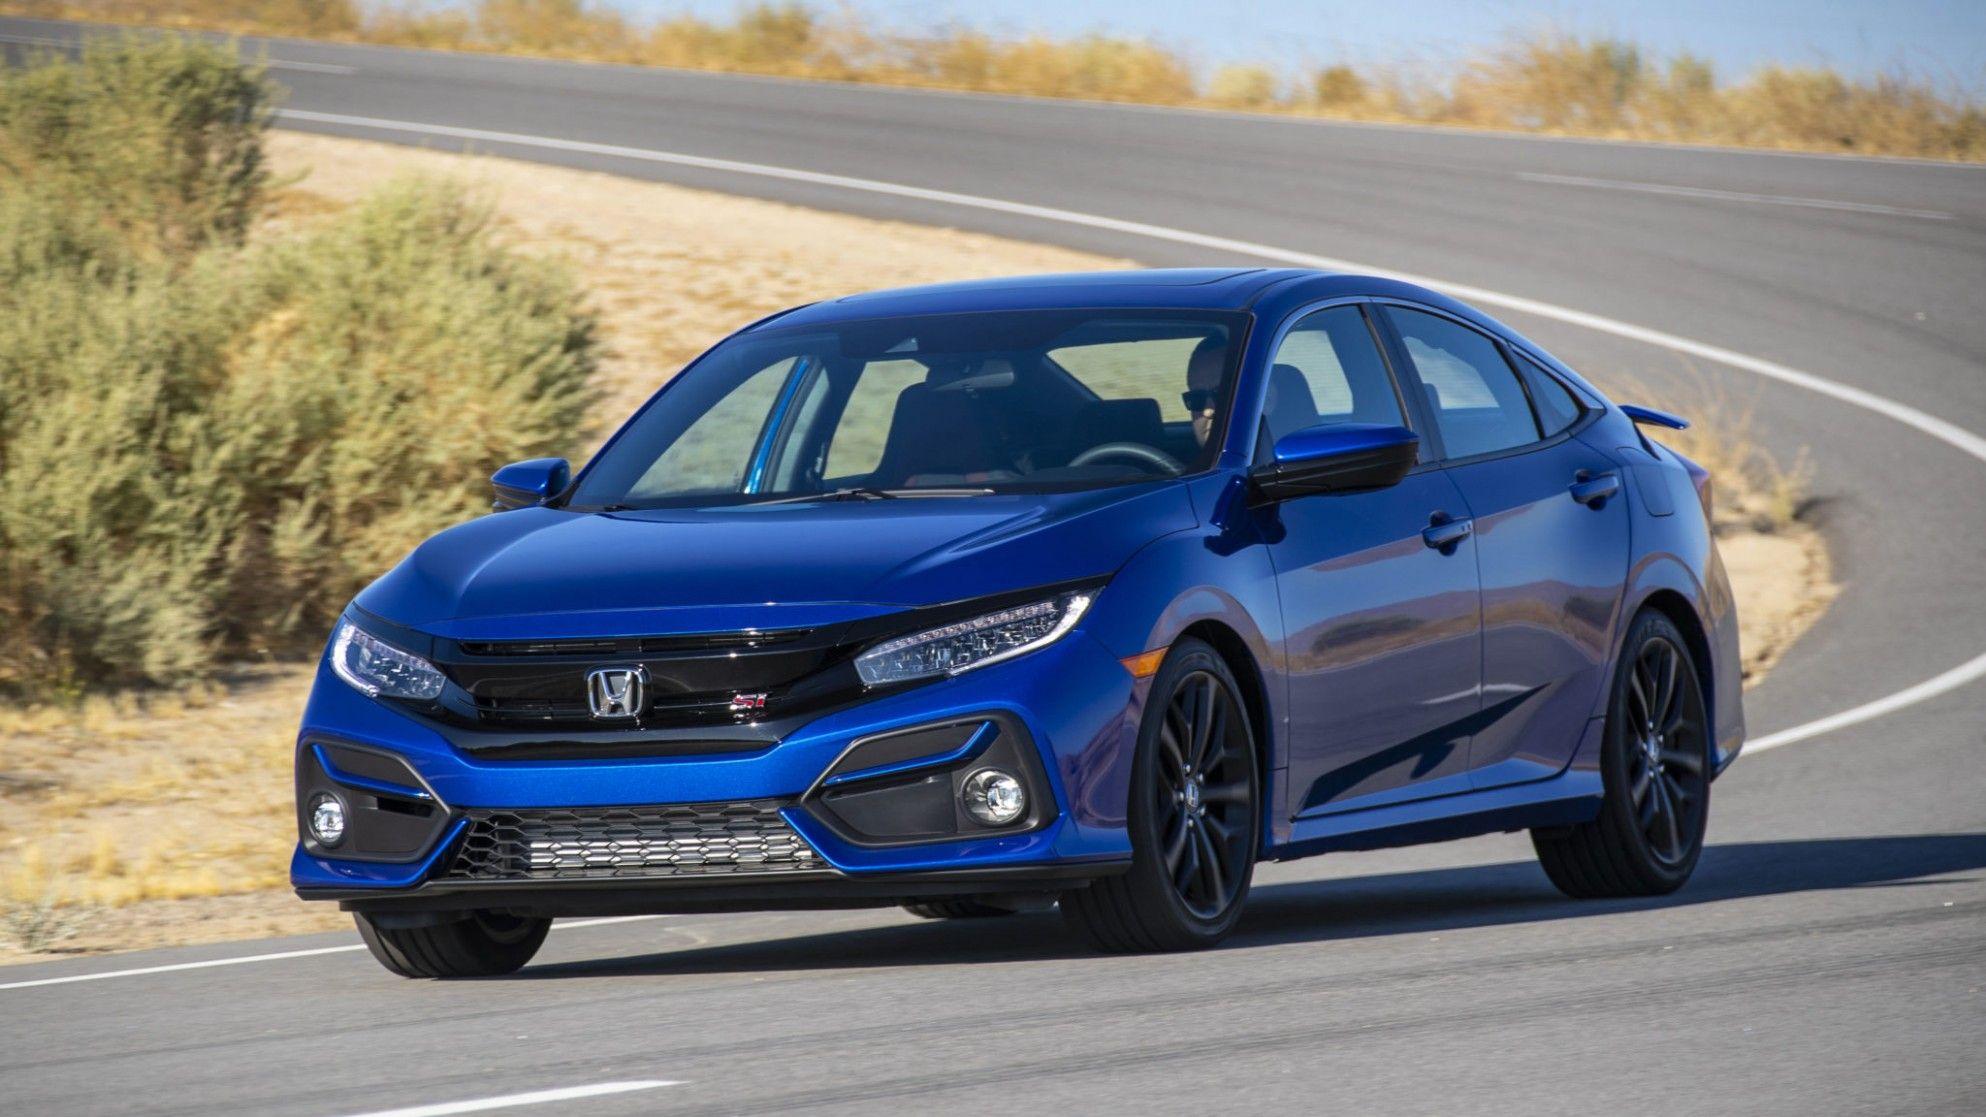 Hyundai Accent 2020 Philippines Style Honda Civic Honda Civic Si Honda Civic Sedan